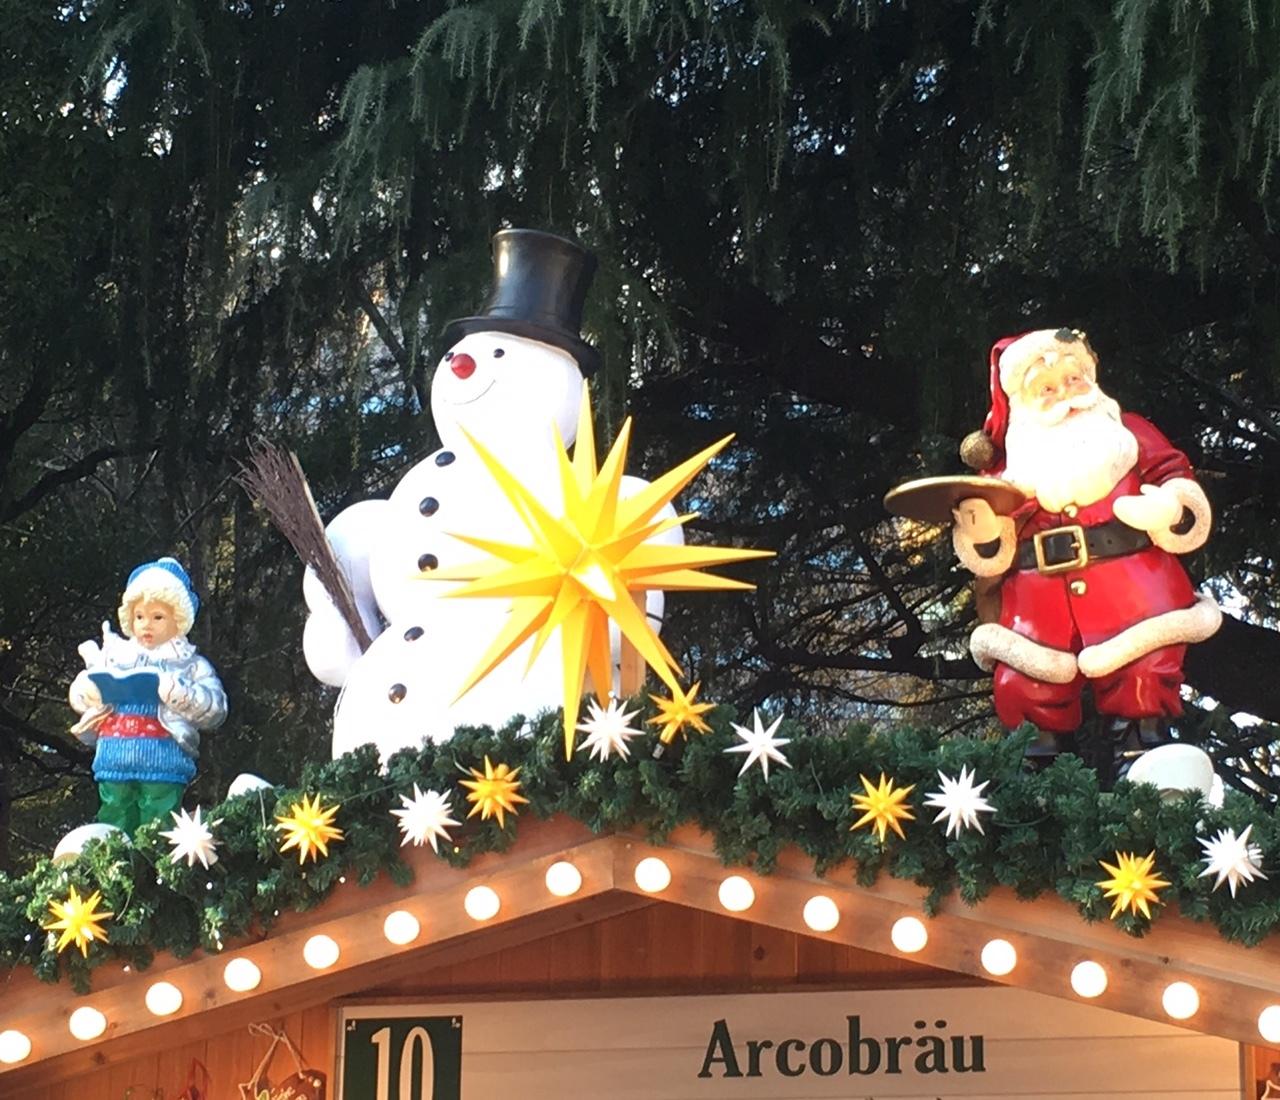 クリスマスマーケット日比谷公園_1_3